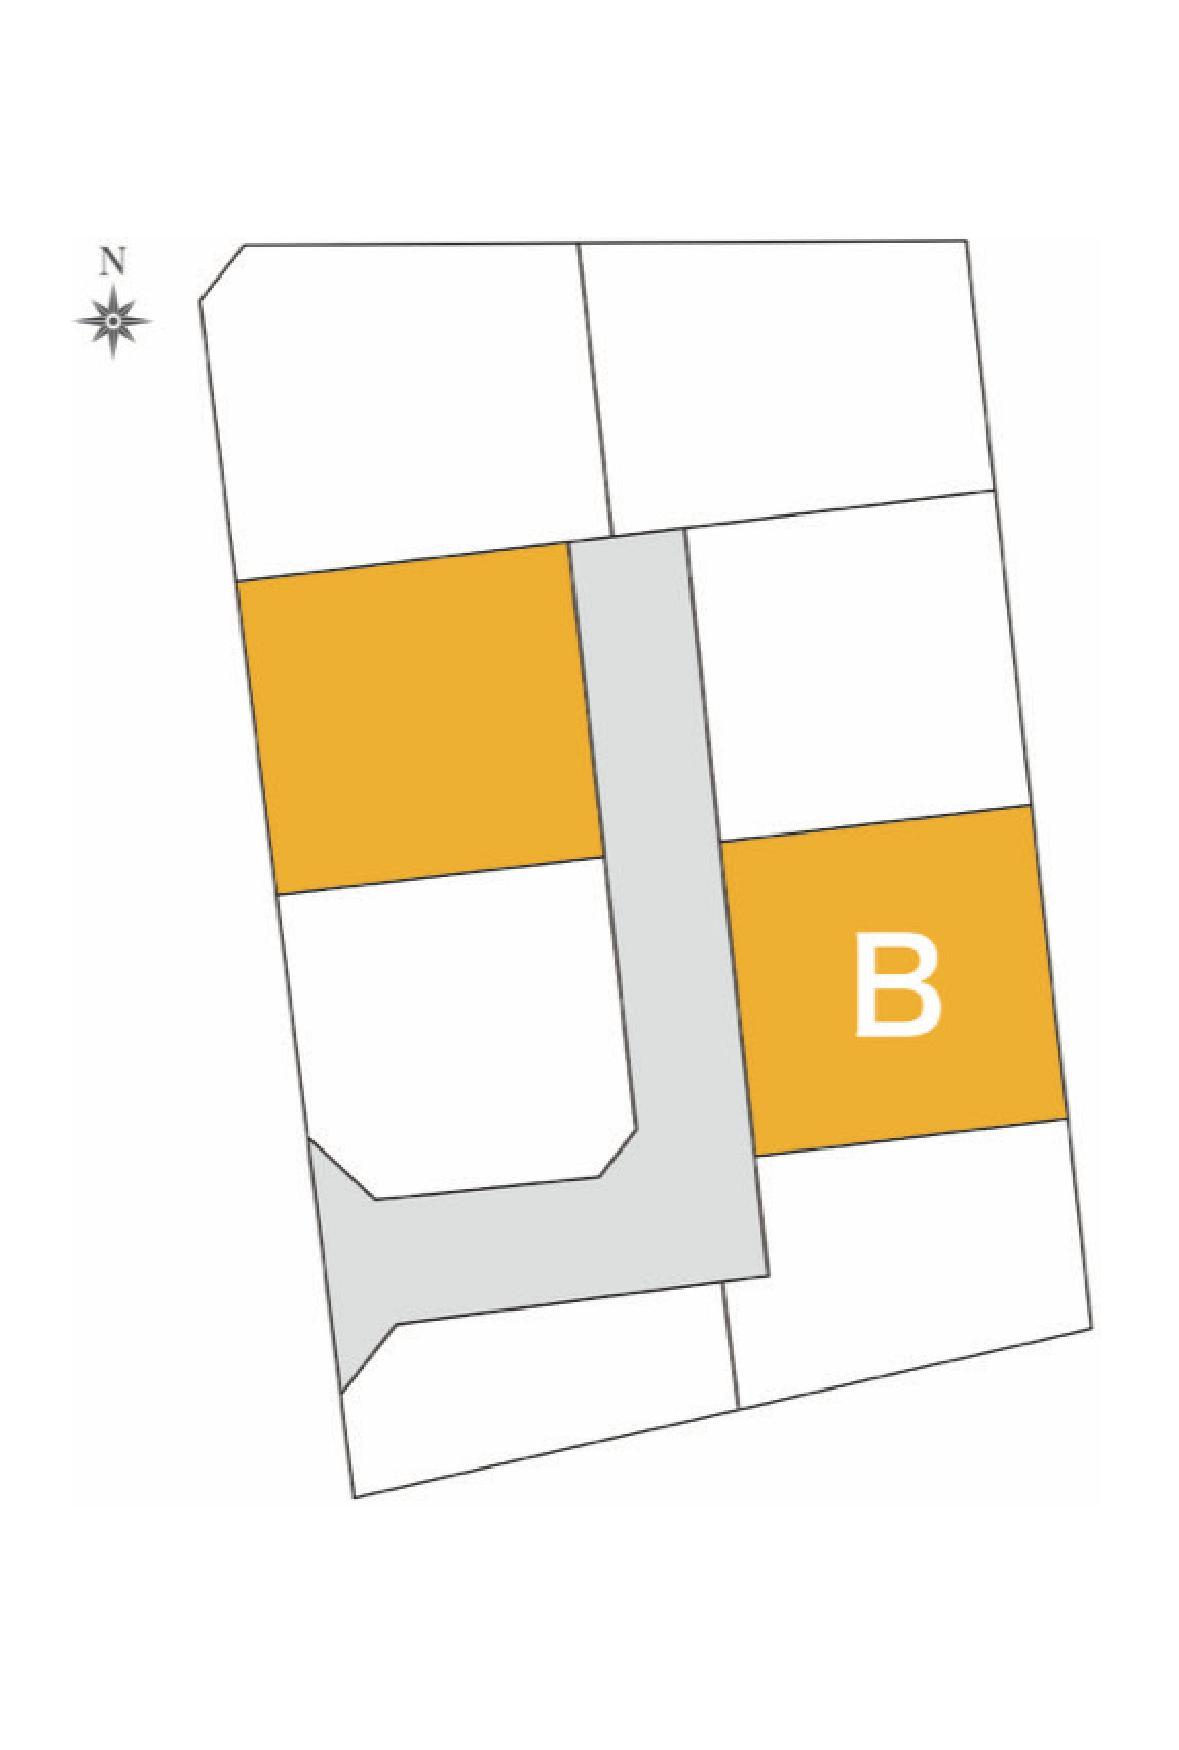 【分譲地】奥州市水沢桜屋敷 分譲地B・アイキャッチ画像